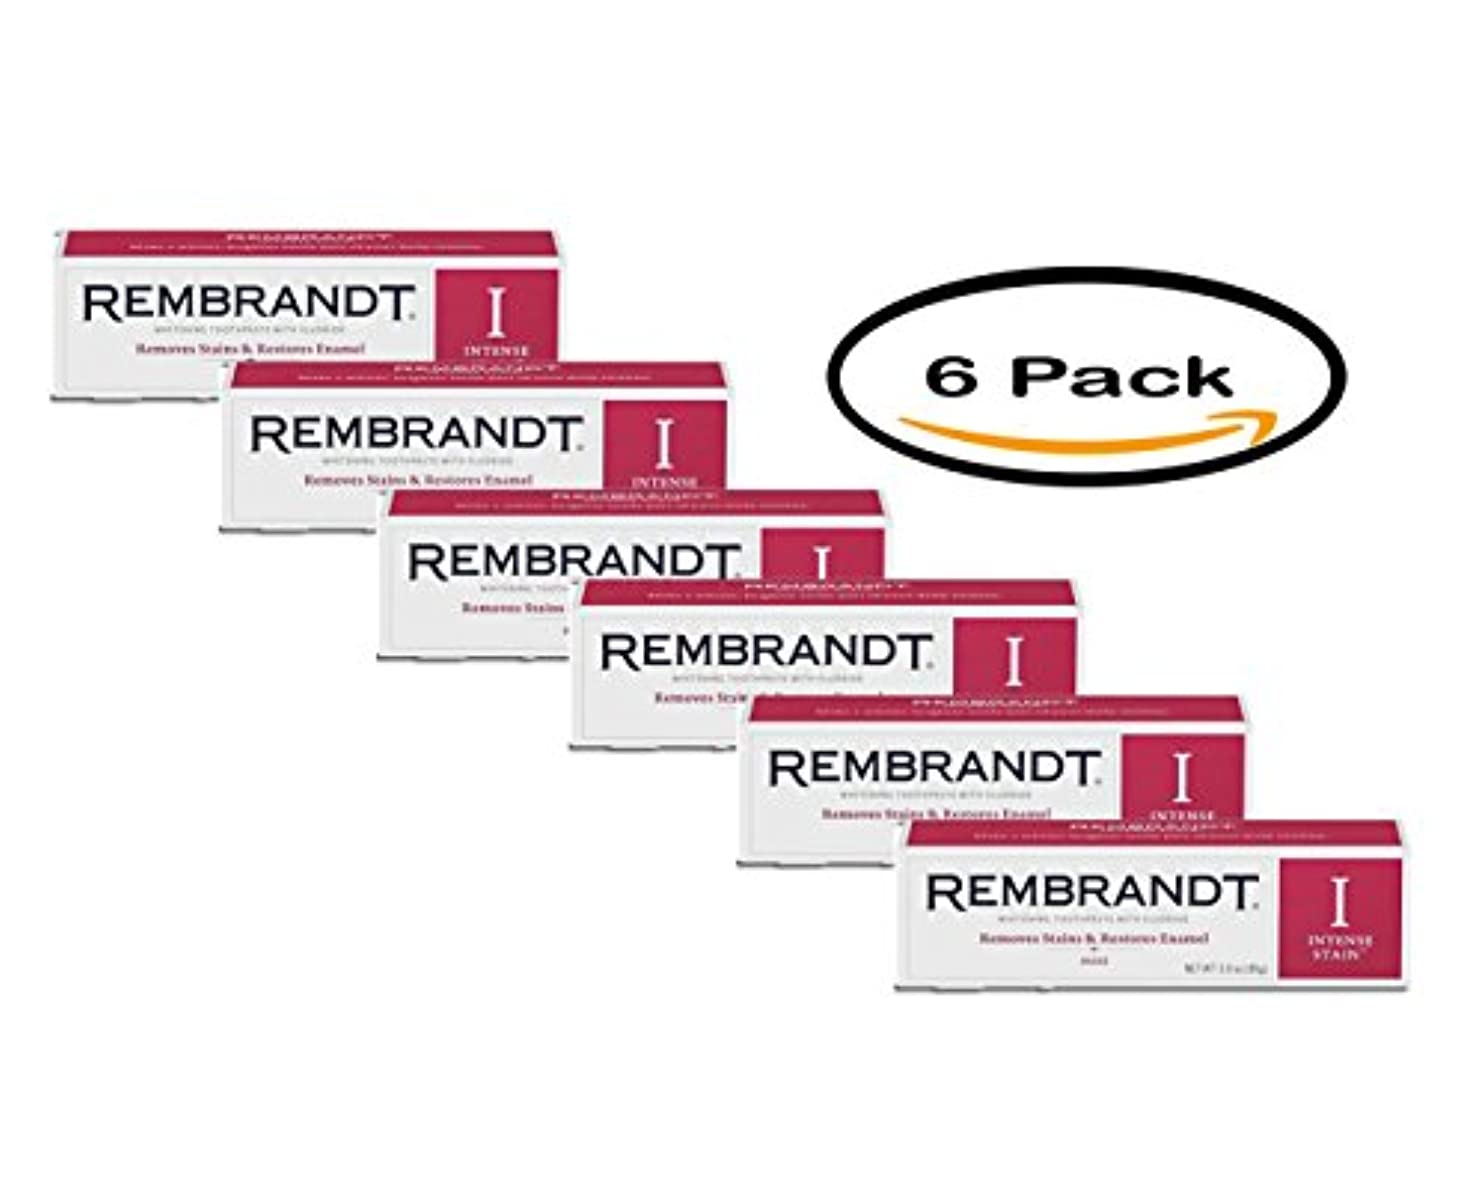 減衰切り離す制約海外直送品 レンブラントインテンスステイン Rembrandt Intense Stain Whitening Toothpaste, Mint, 3.5 oz Pack of 6